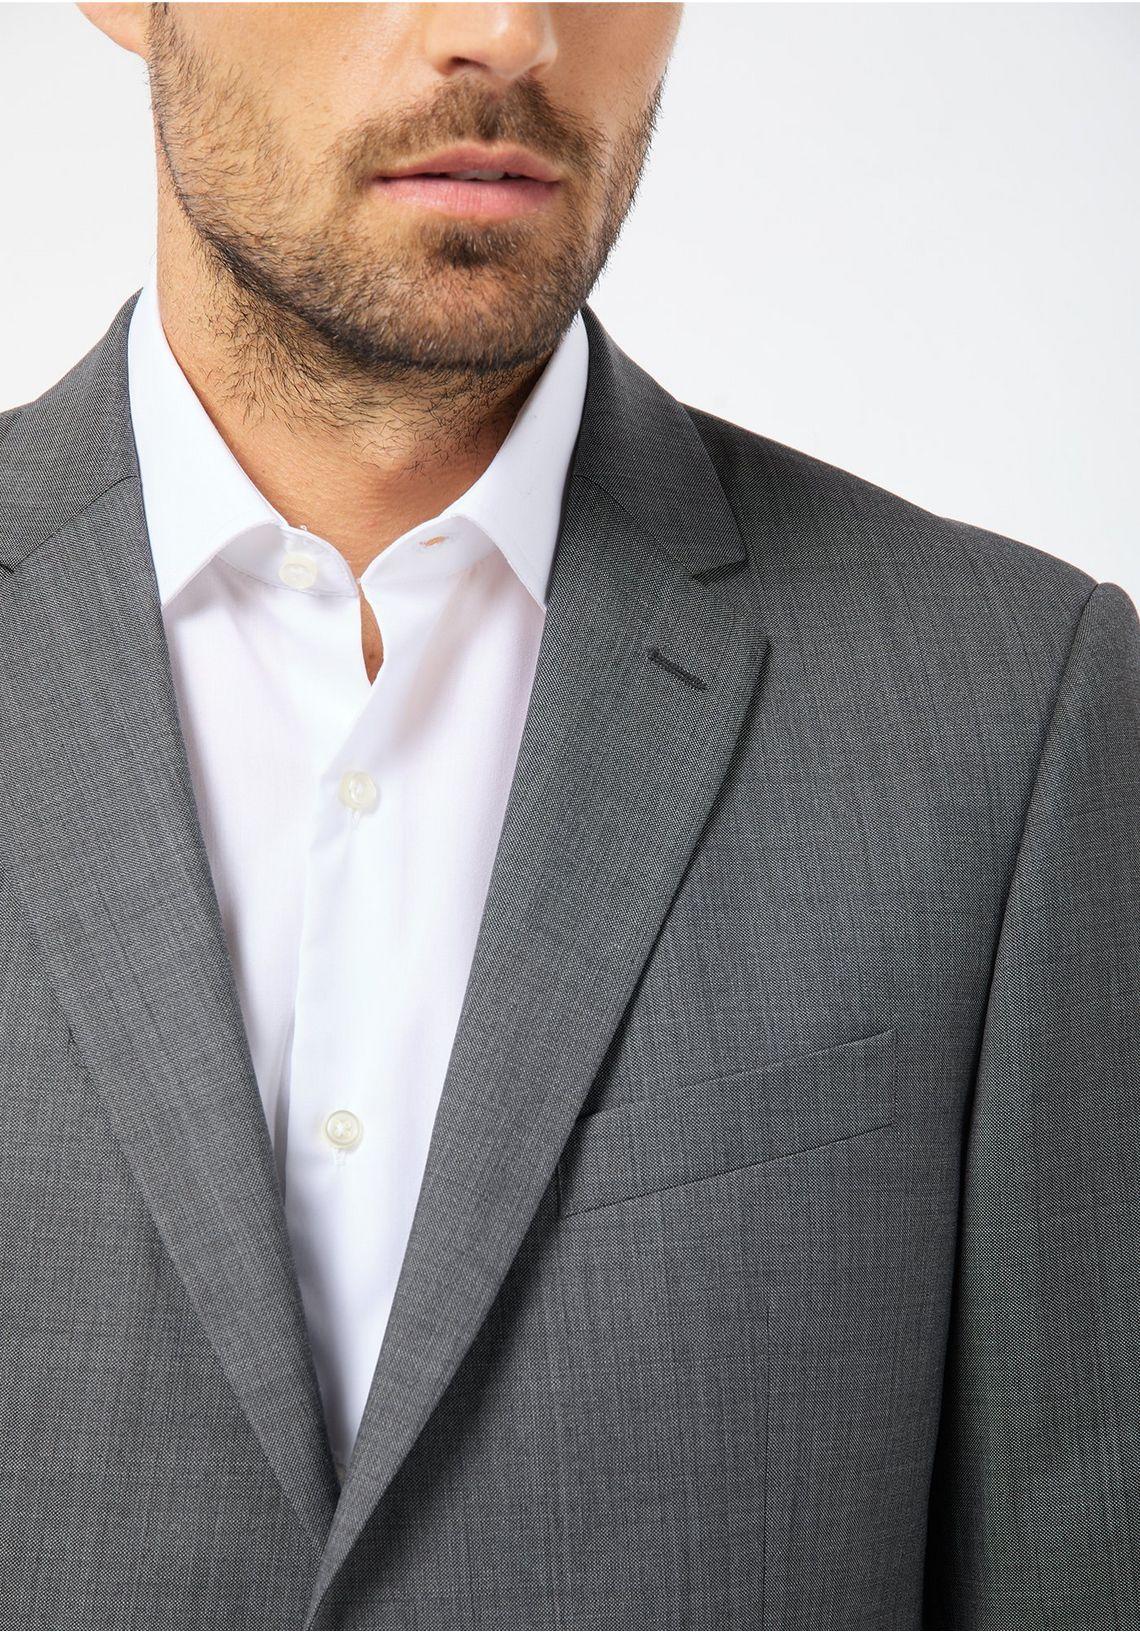 PIERRE CARDIN Modulaire jasje - Regular Fit  Brice makkelijk gekocht  grau